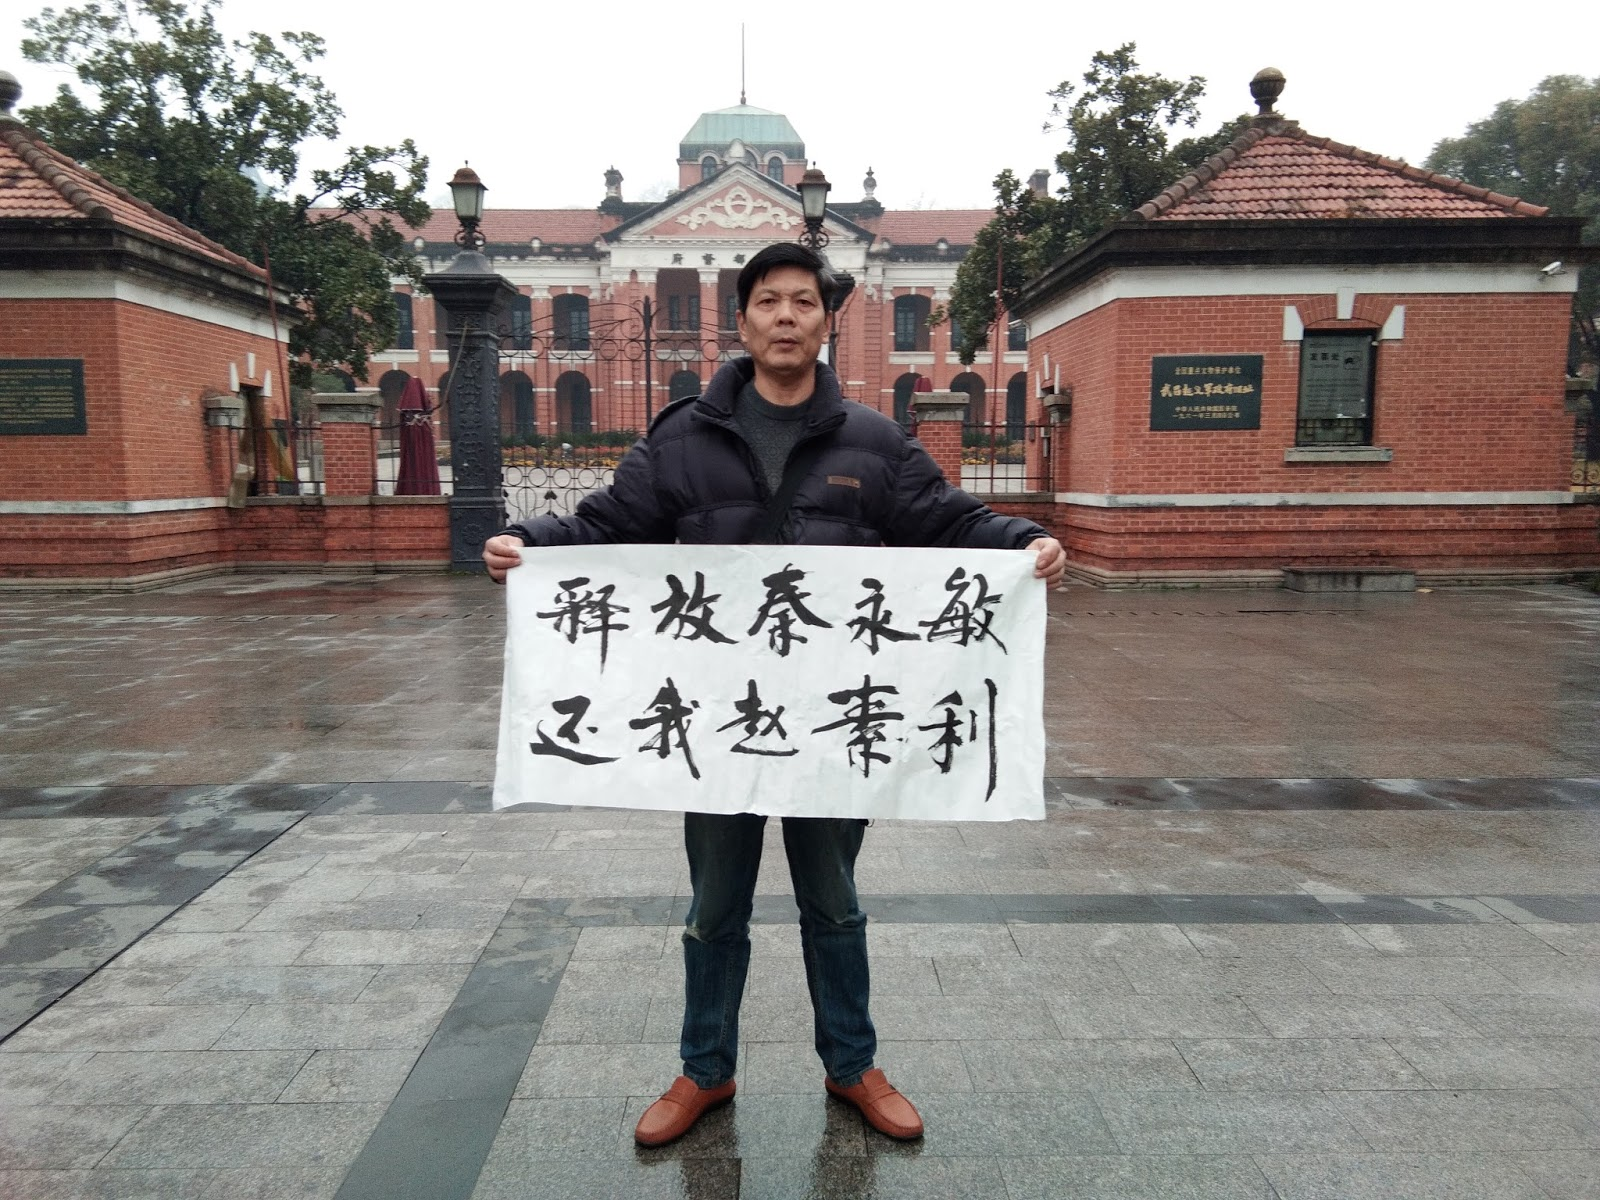 多位公民到达武汉青山区公安分局寻找秦永敏妻子赵素利 遭不明身份人员强行押送至高铁站遣返